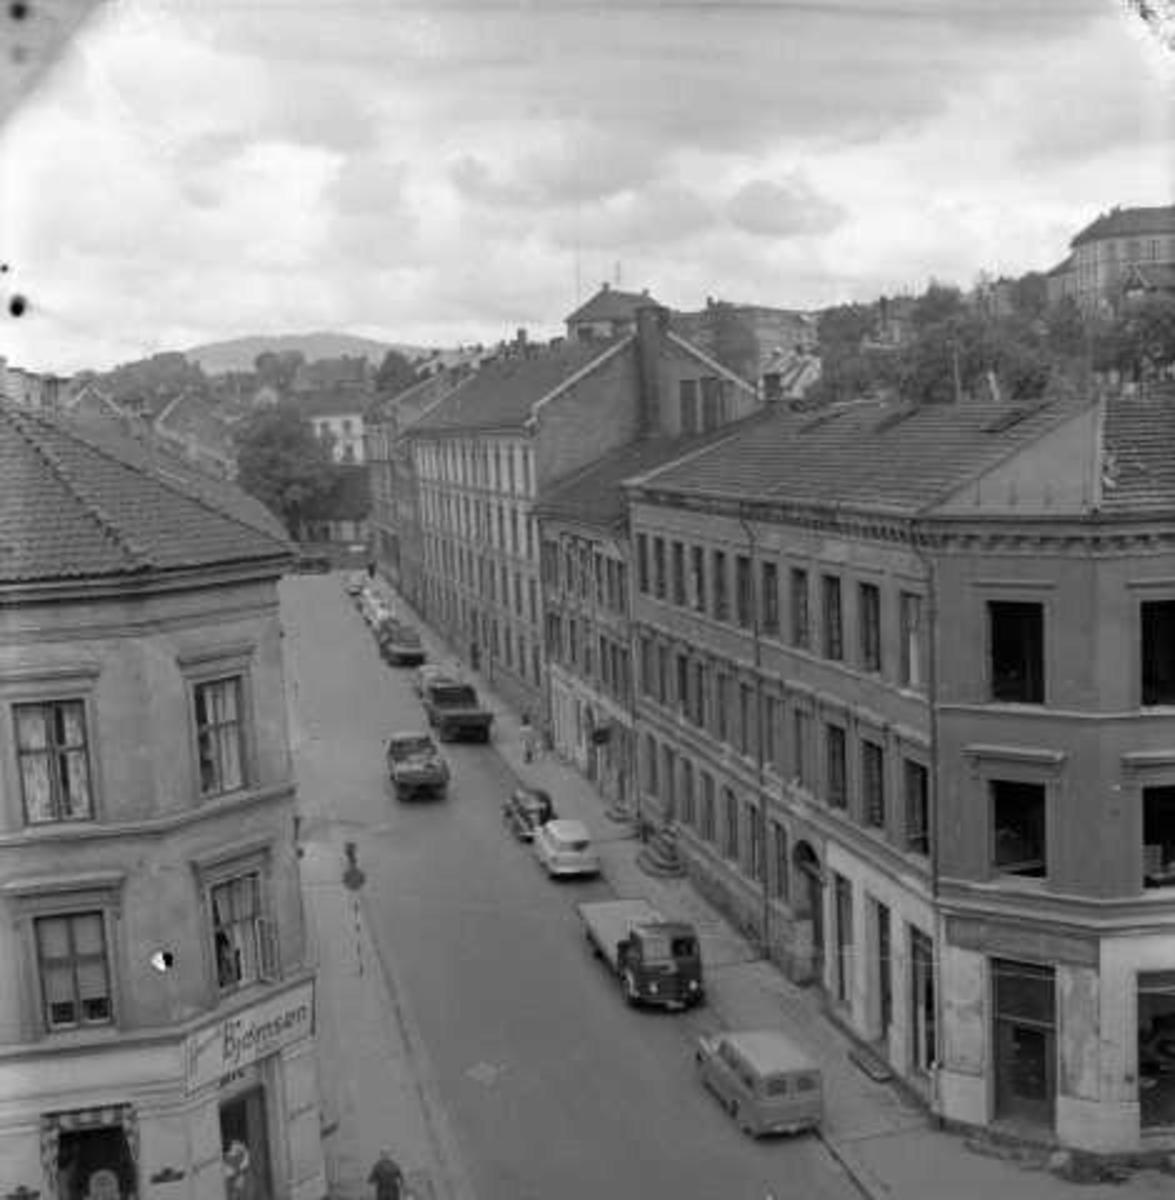 Hus blir revet, Grønland, Oslo 1956.